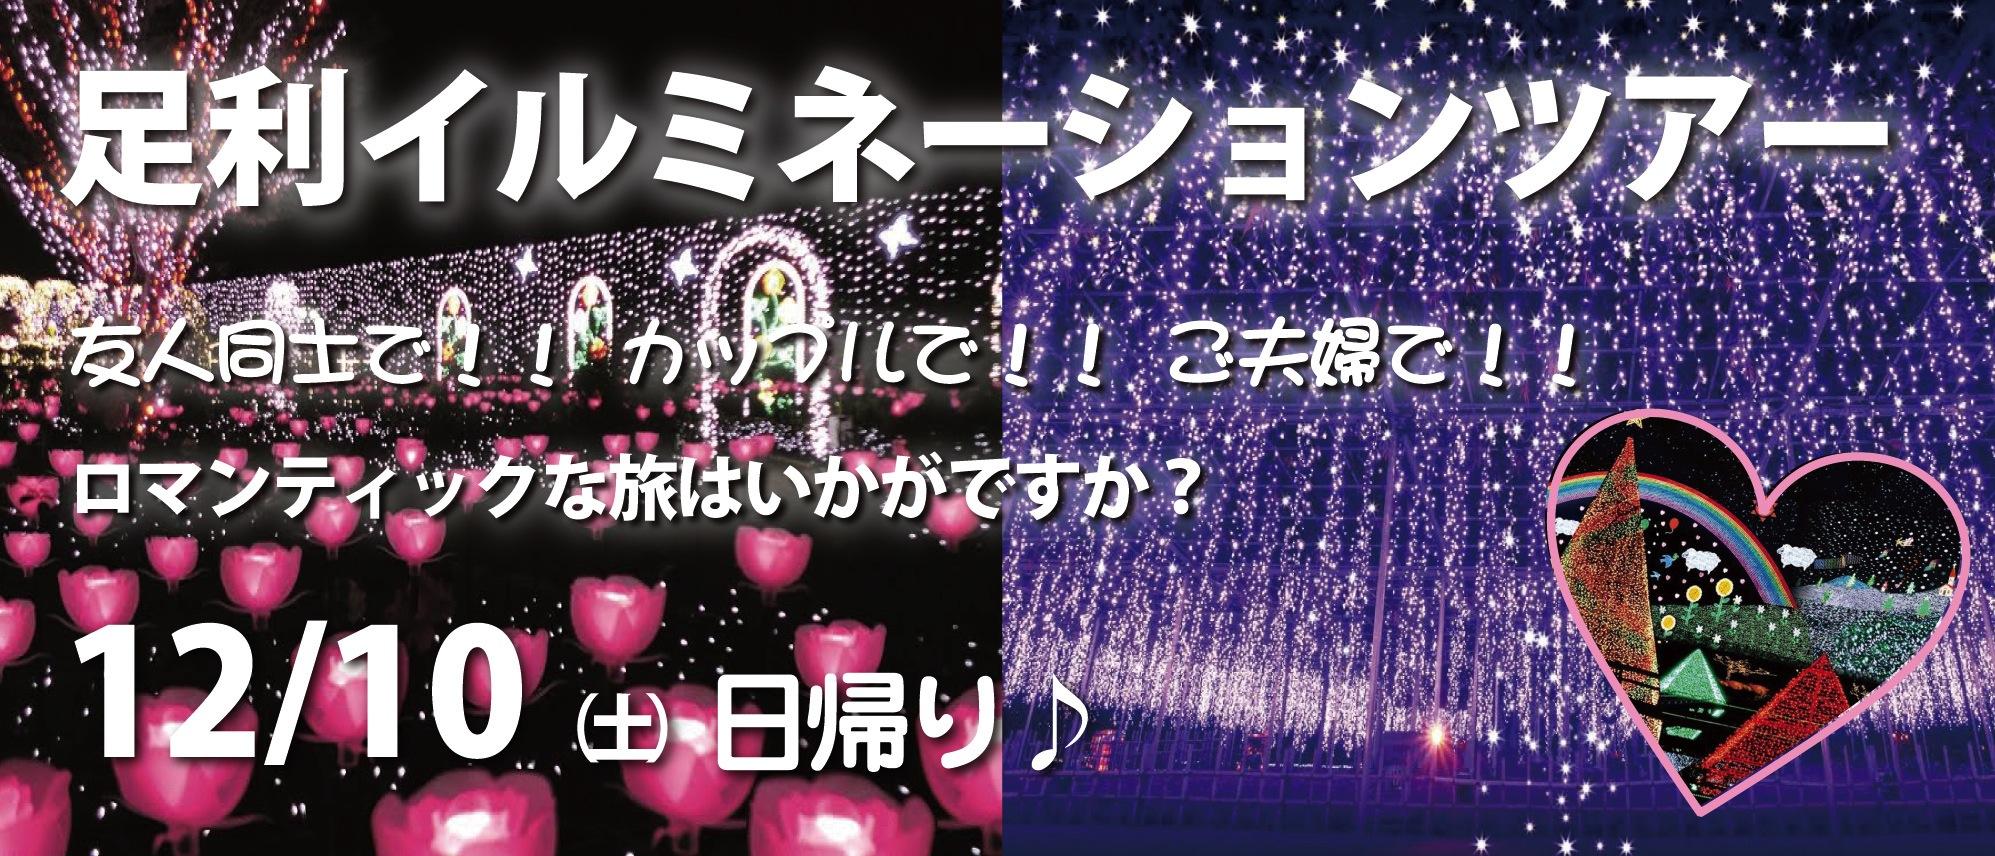 足利イルミネーションツアー 12/10(土)日帰り